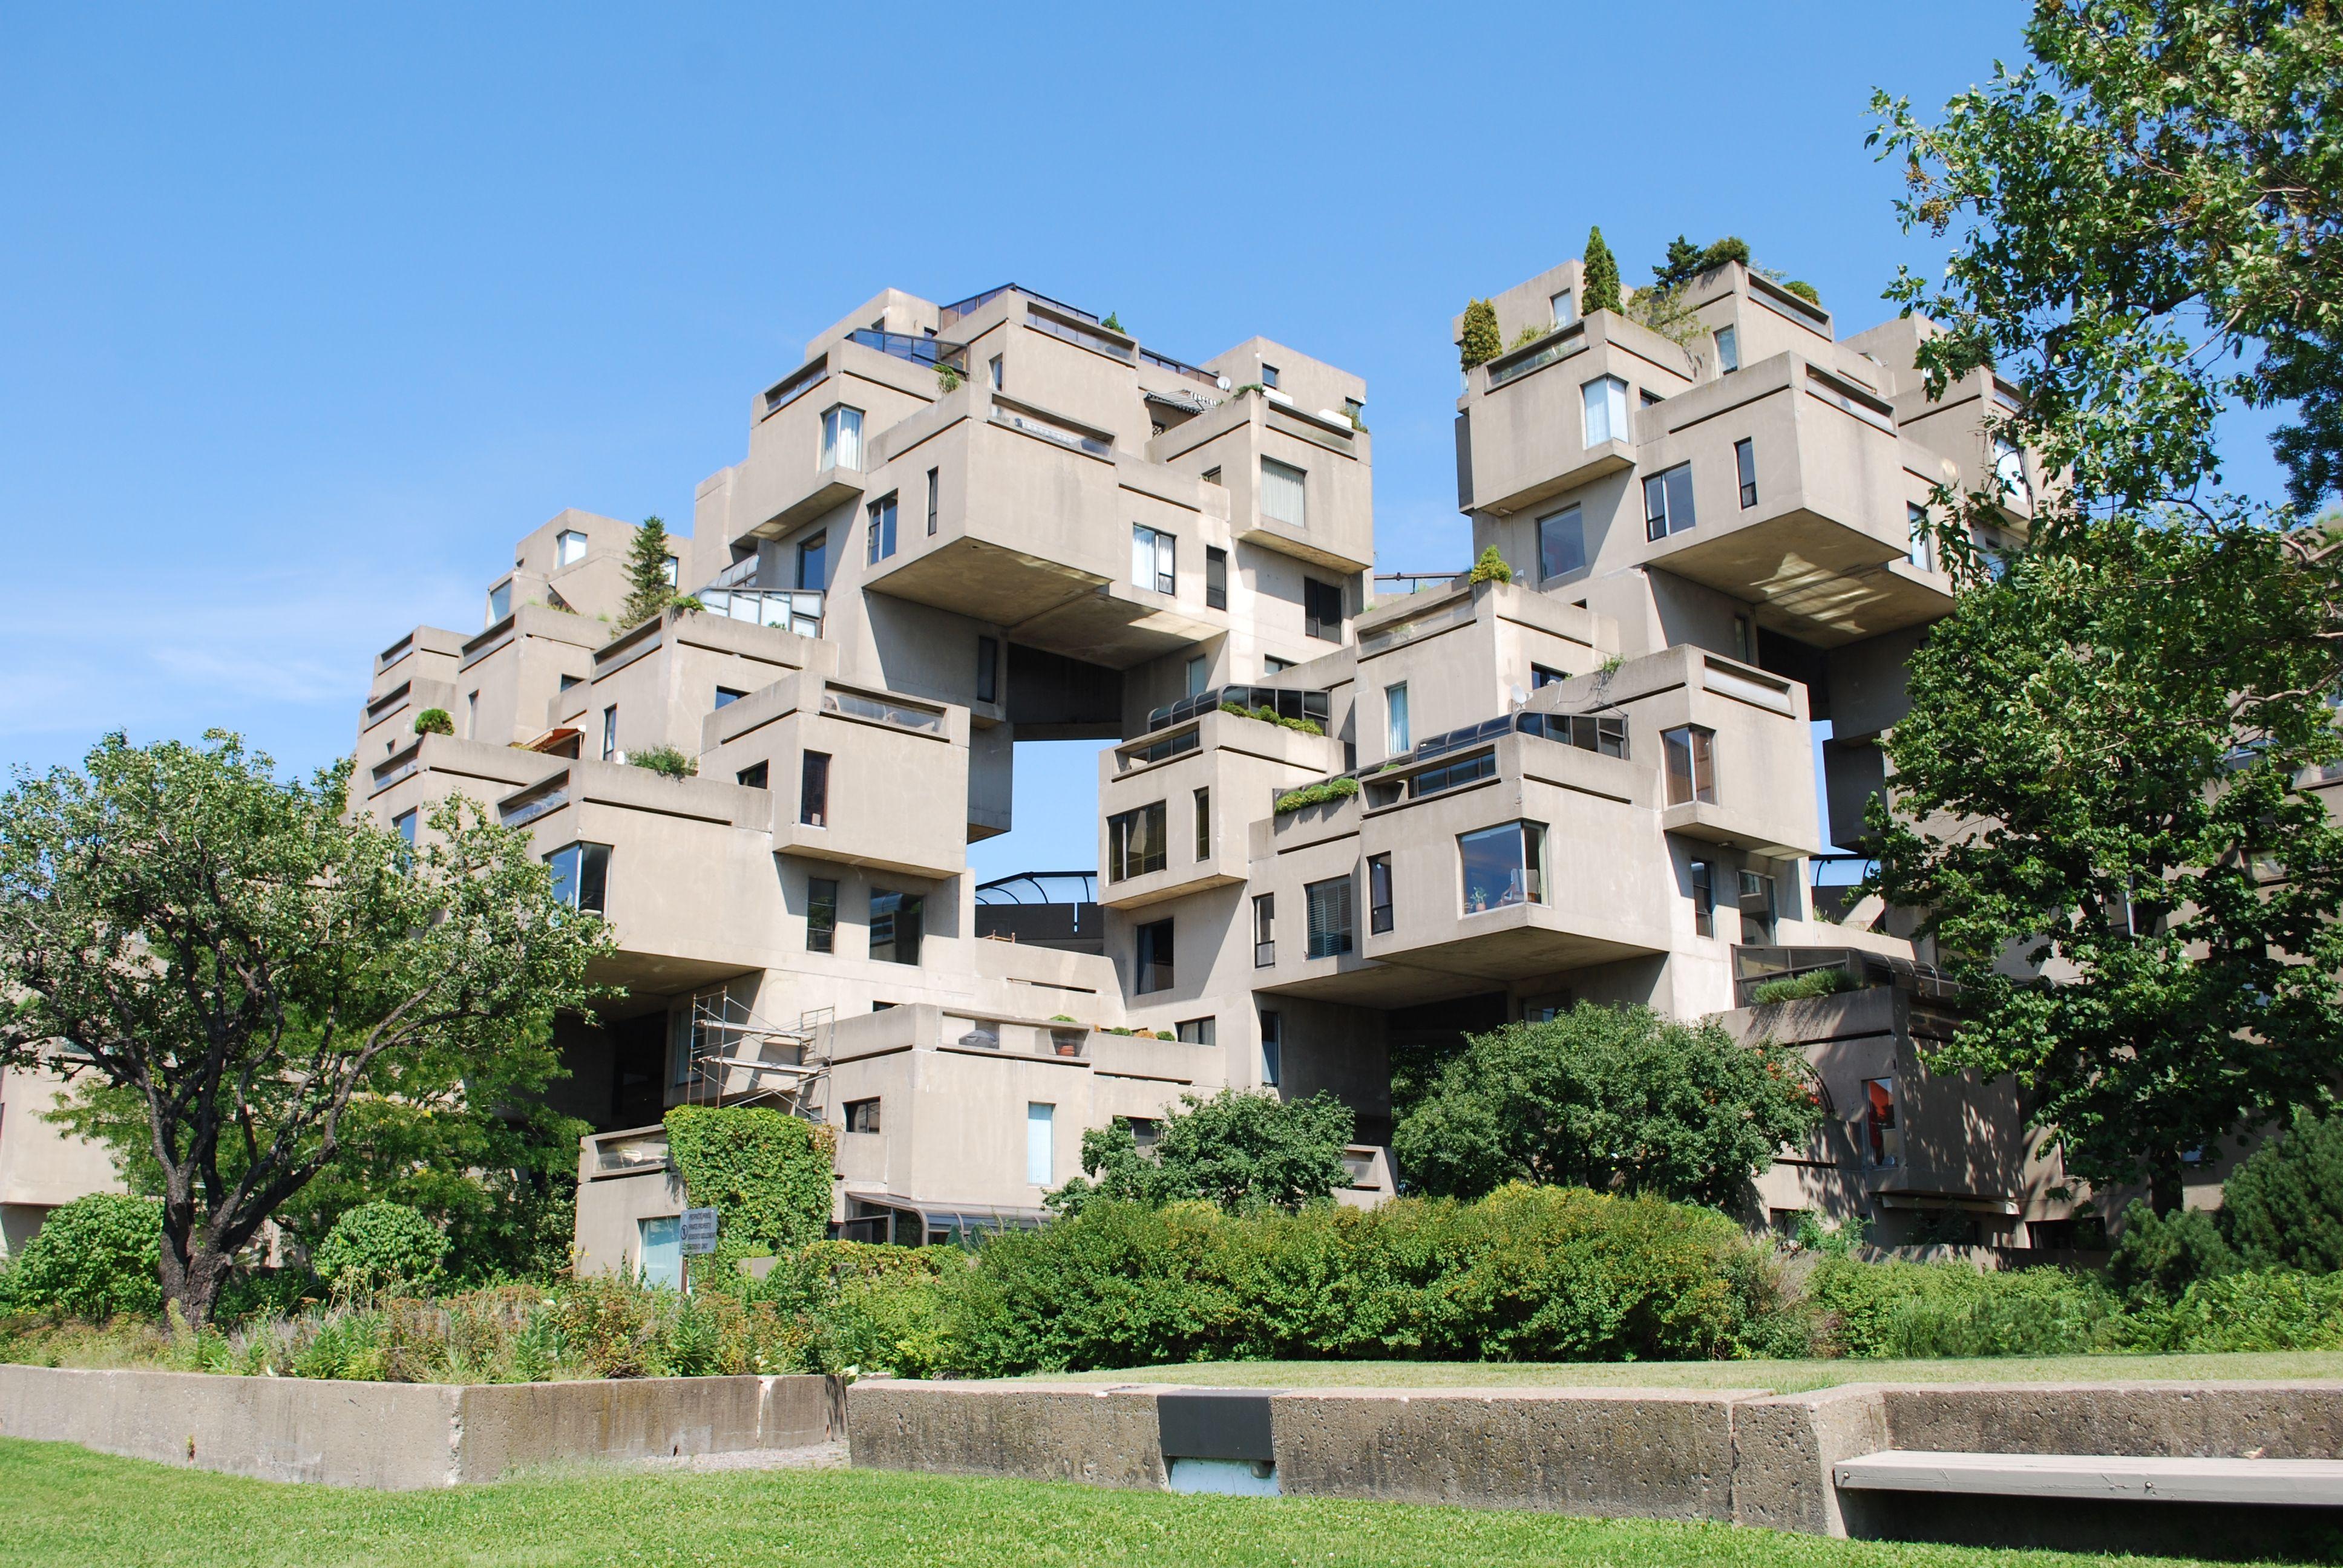 Montréal_-_Habitat_67_(04).jpg (3872×2592)